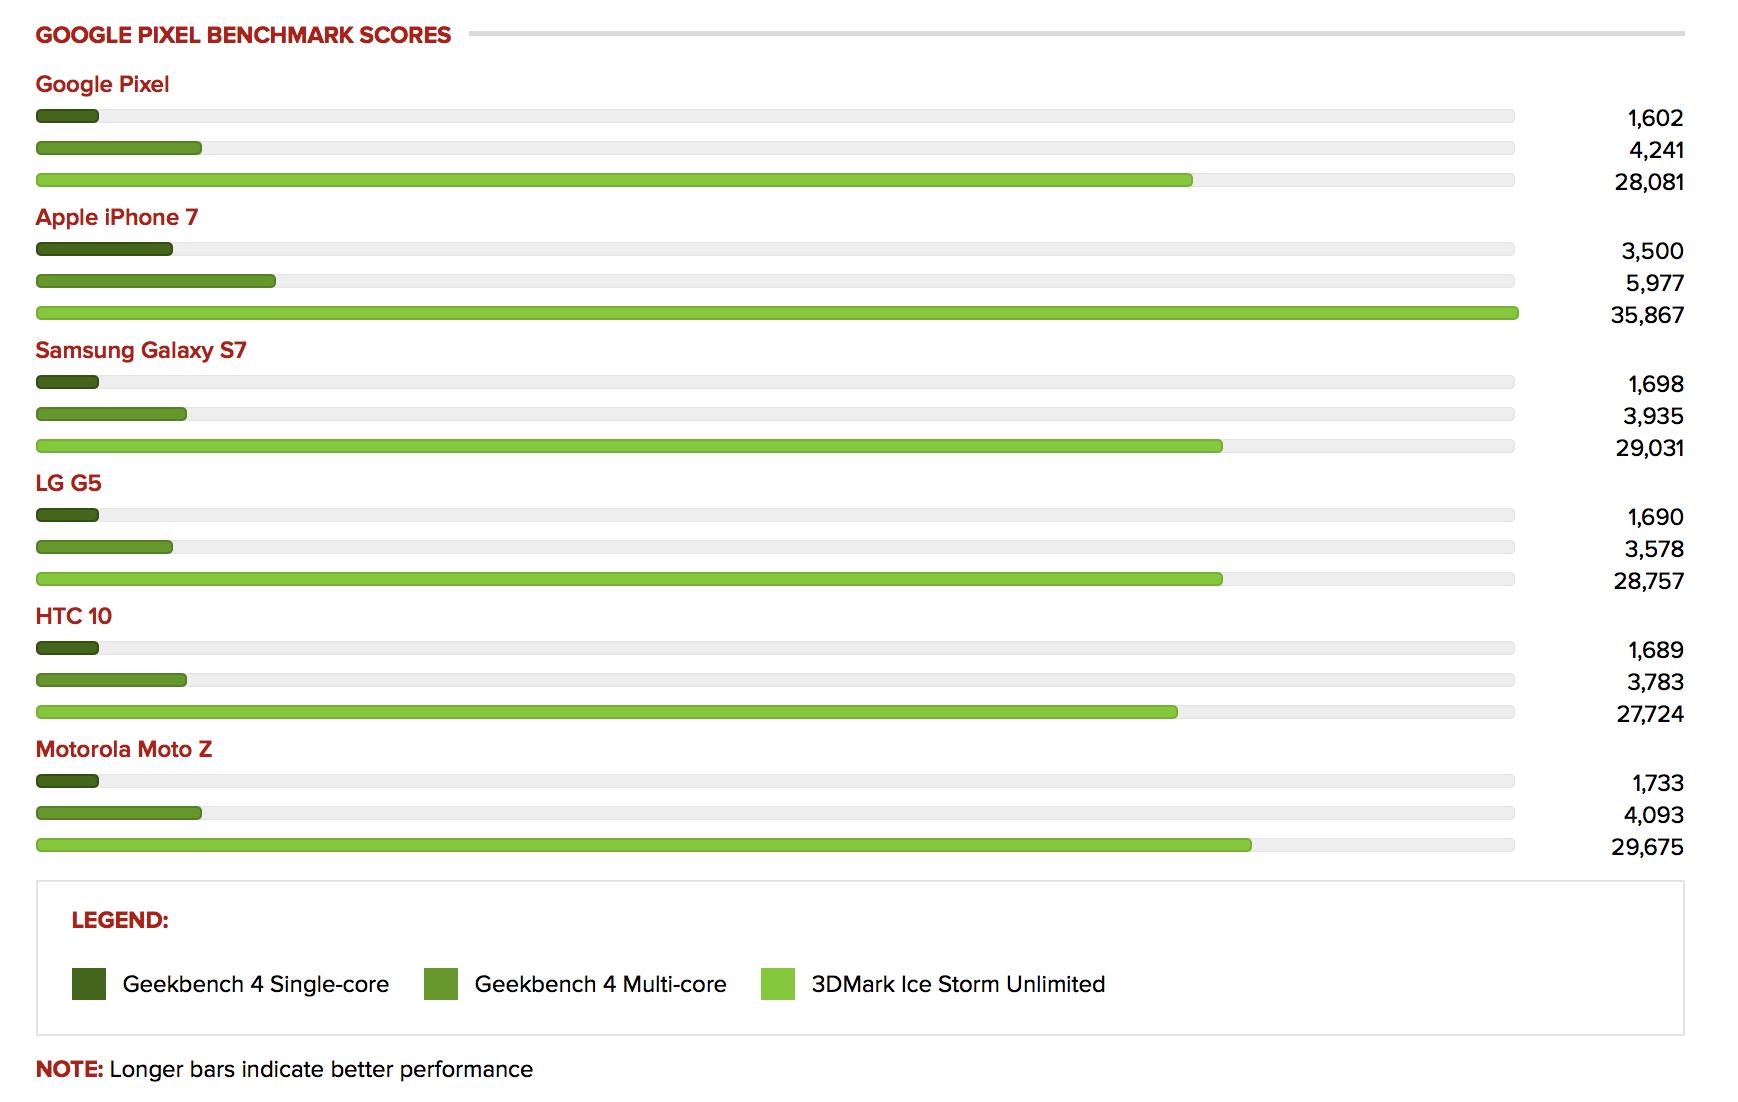 google-pixel-review-benchmark-scores-vs-other-smartphones